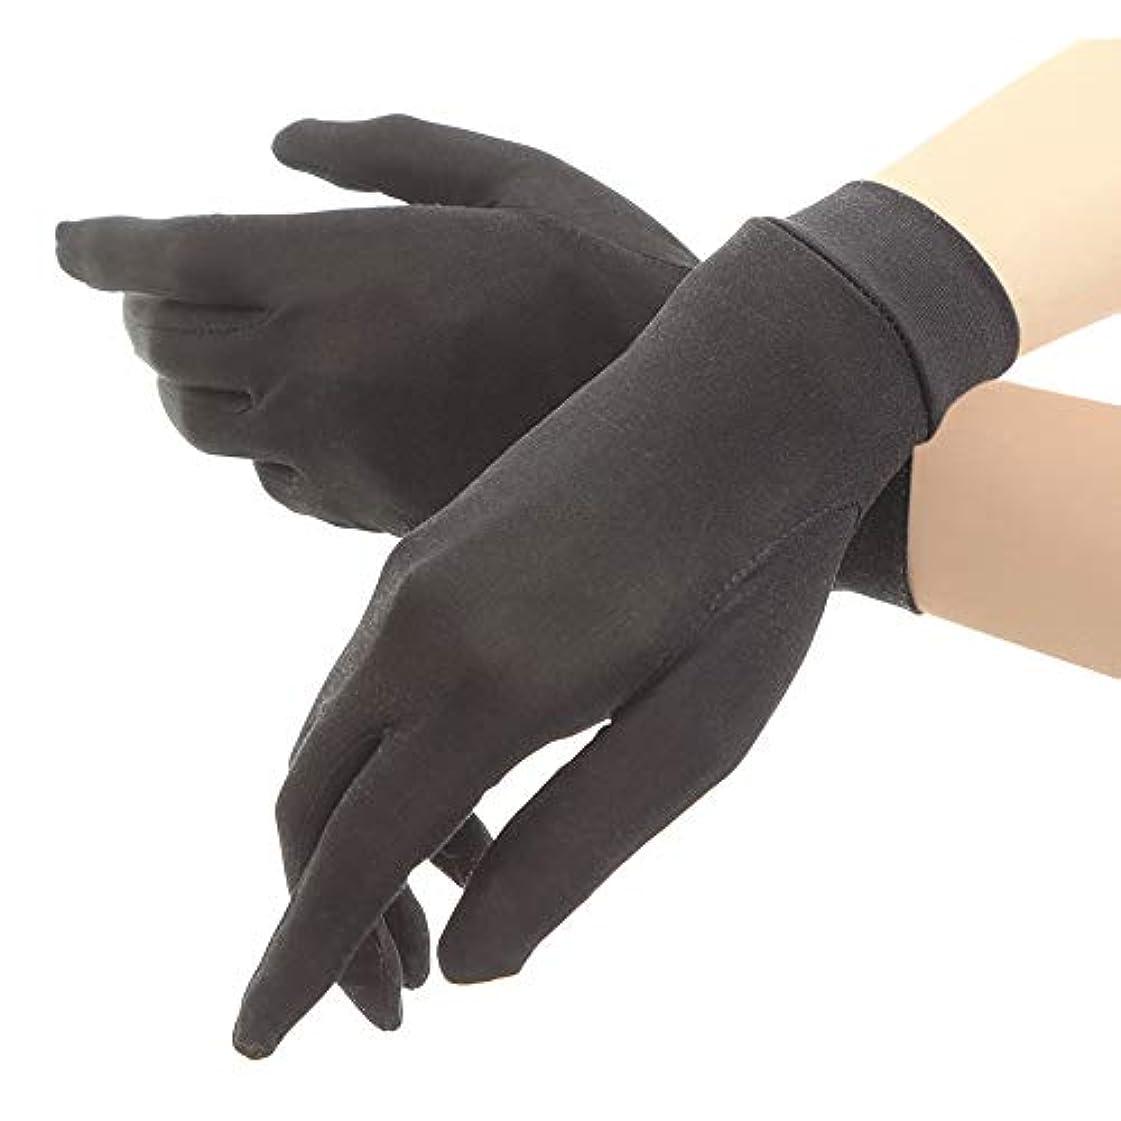 フリンジテレマコスコメントシルク手袋 レディース 手袋 シルク 絹 ハンド ケア 保湿 紫外線 肌荒れ 乾燥 サイズアップで手指にマッチ 【macch】